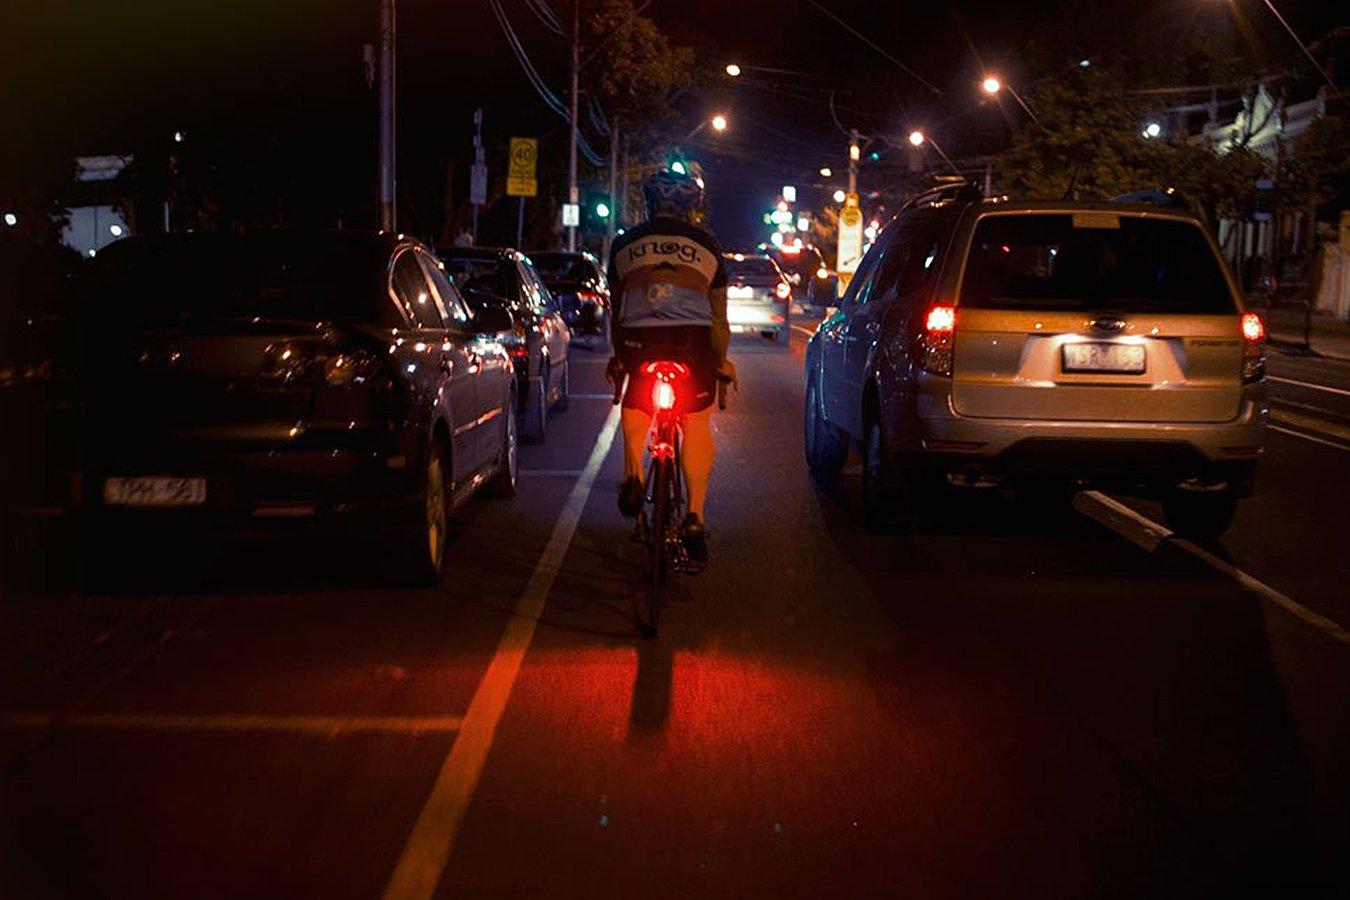 Vista Light Traseiro Blinder Road R70 - Knog